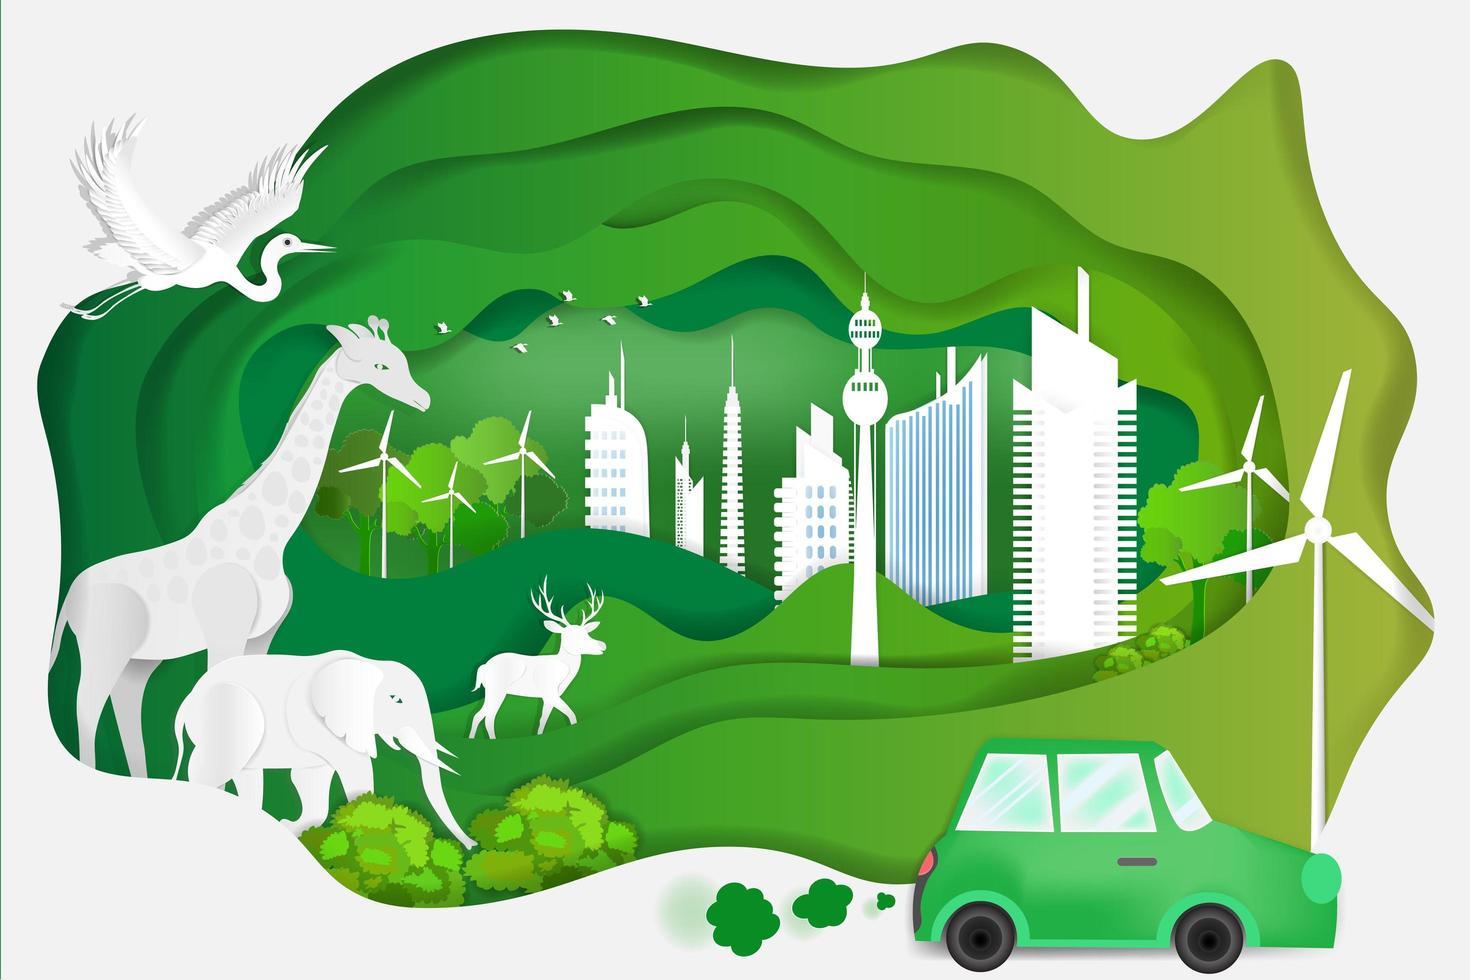 papier kunst van concept wereld wildlife dag vector